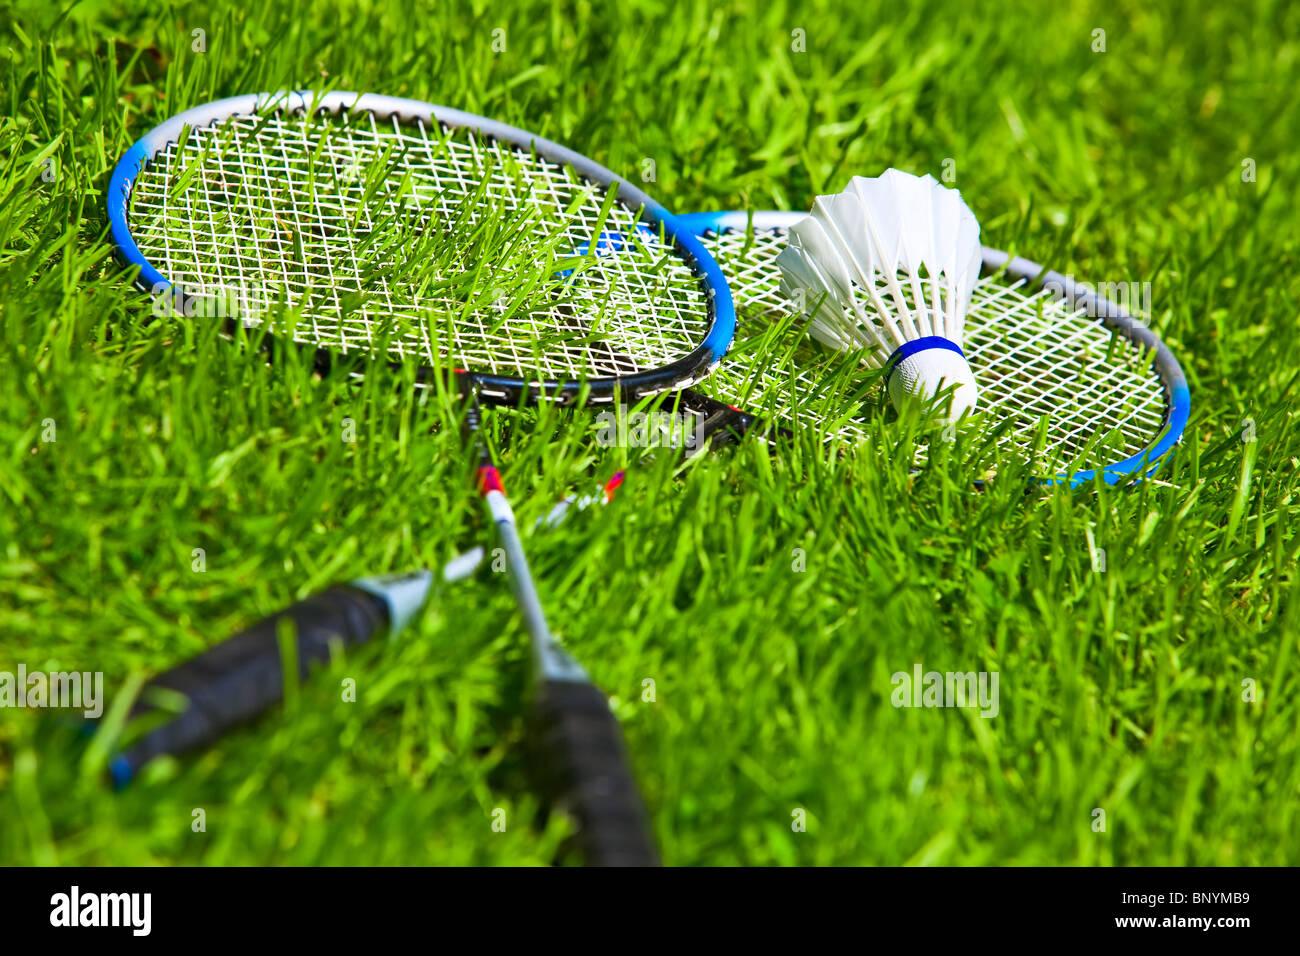 Raquetas de badminton en la hierba verde. Imagen De Stock